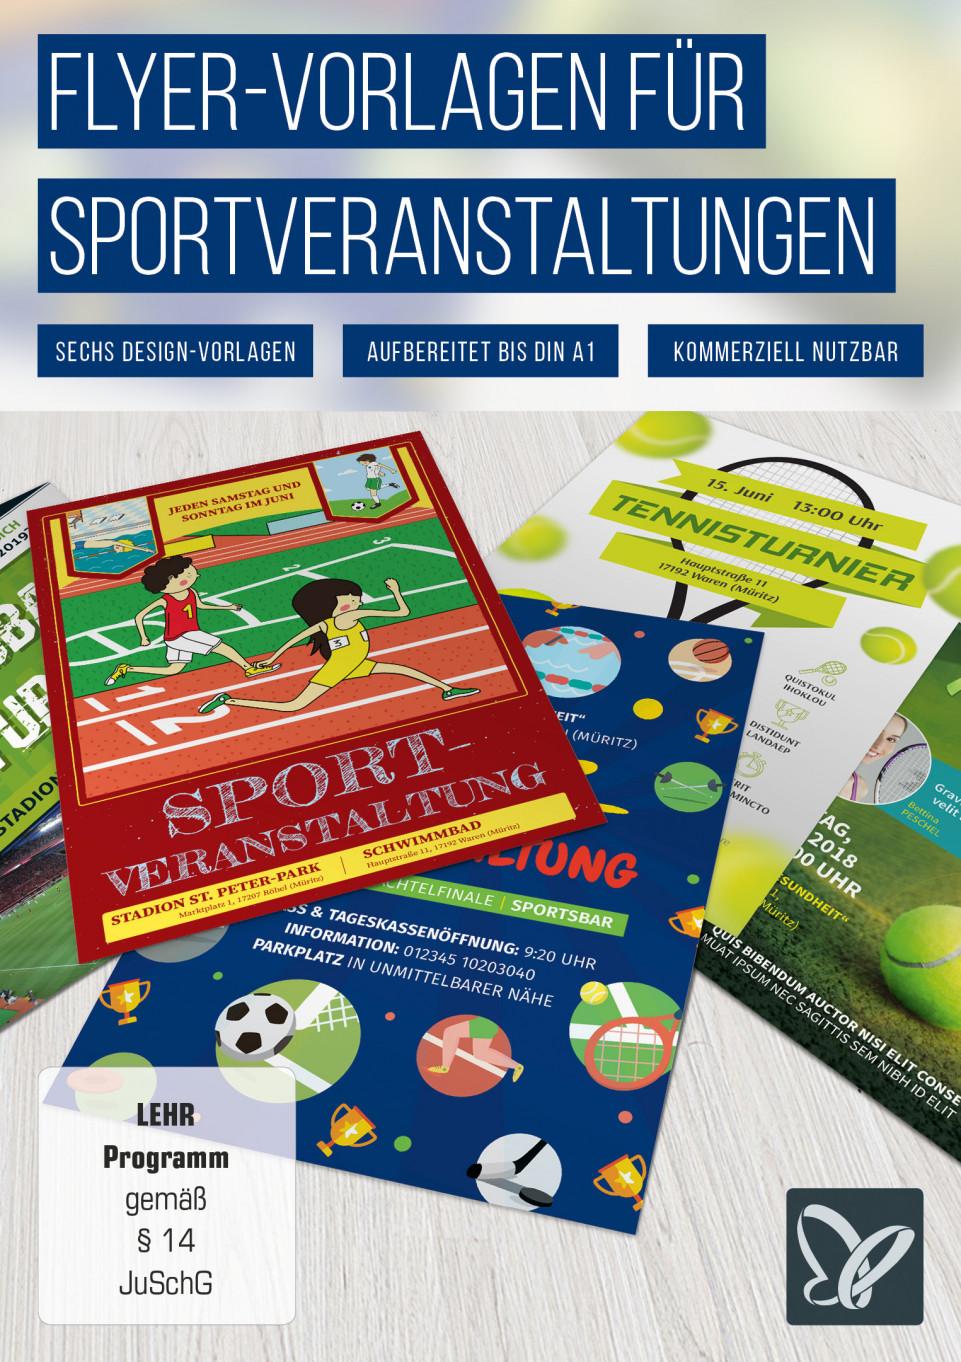 Vorlagen für Sportveranstaltungen: Flyer und Plakate